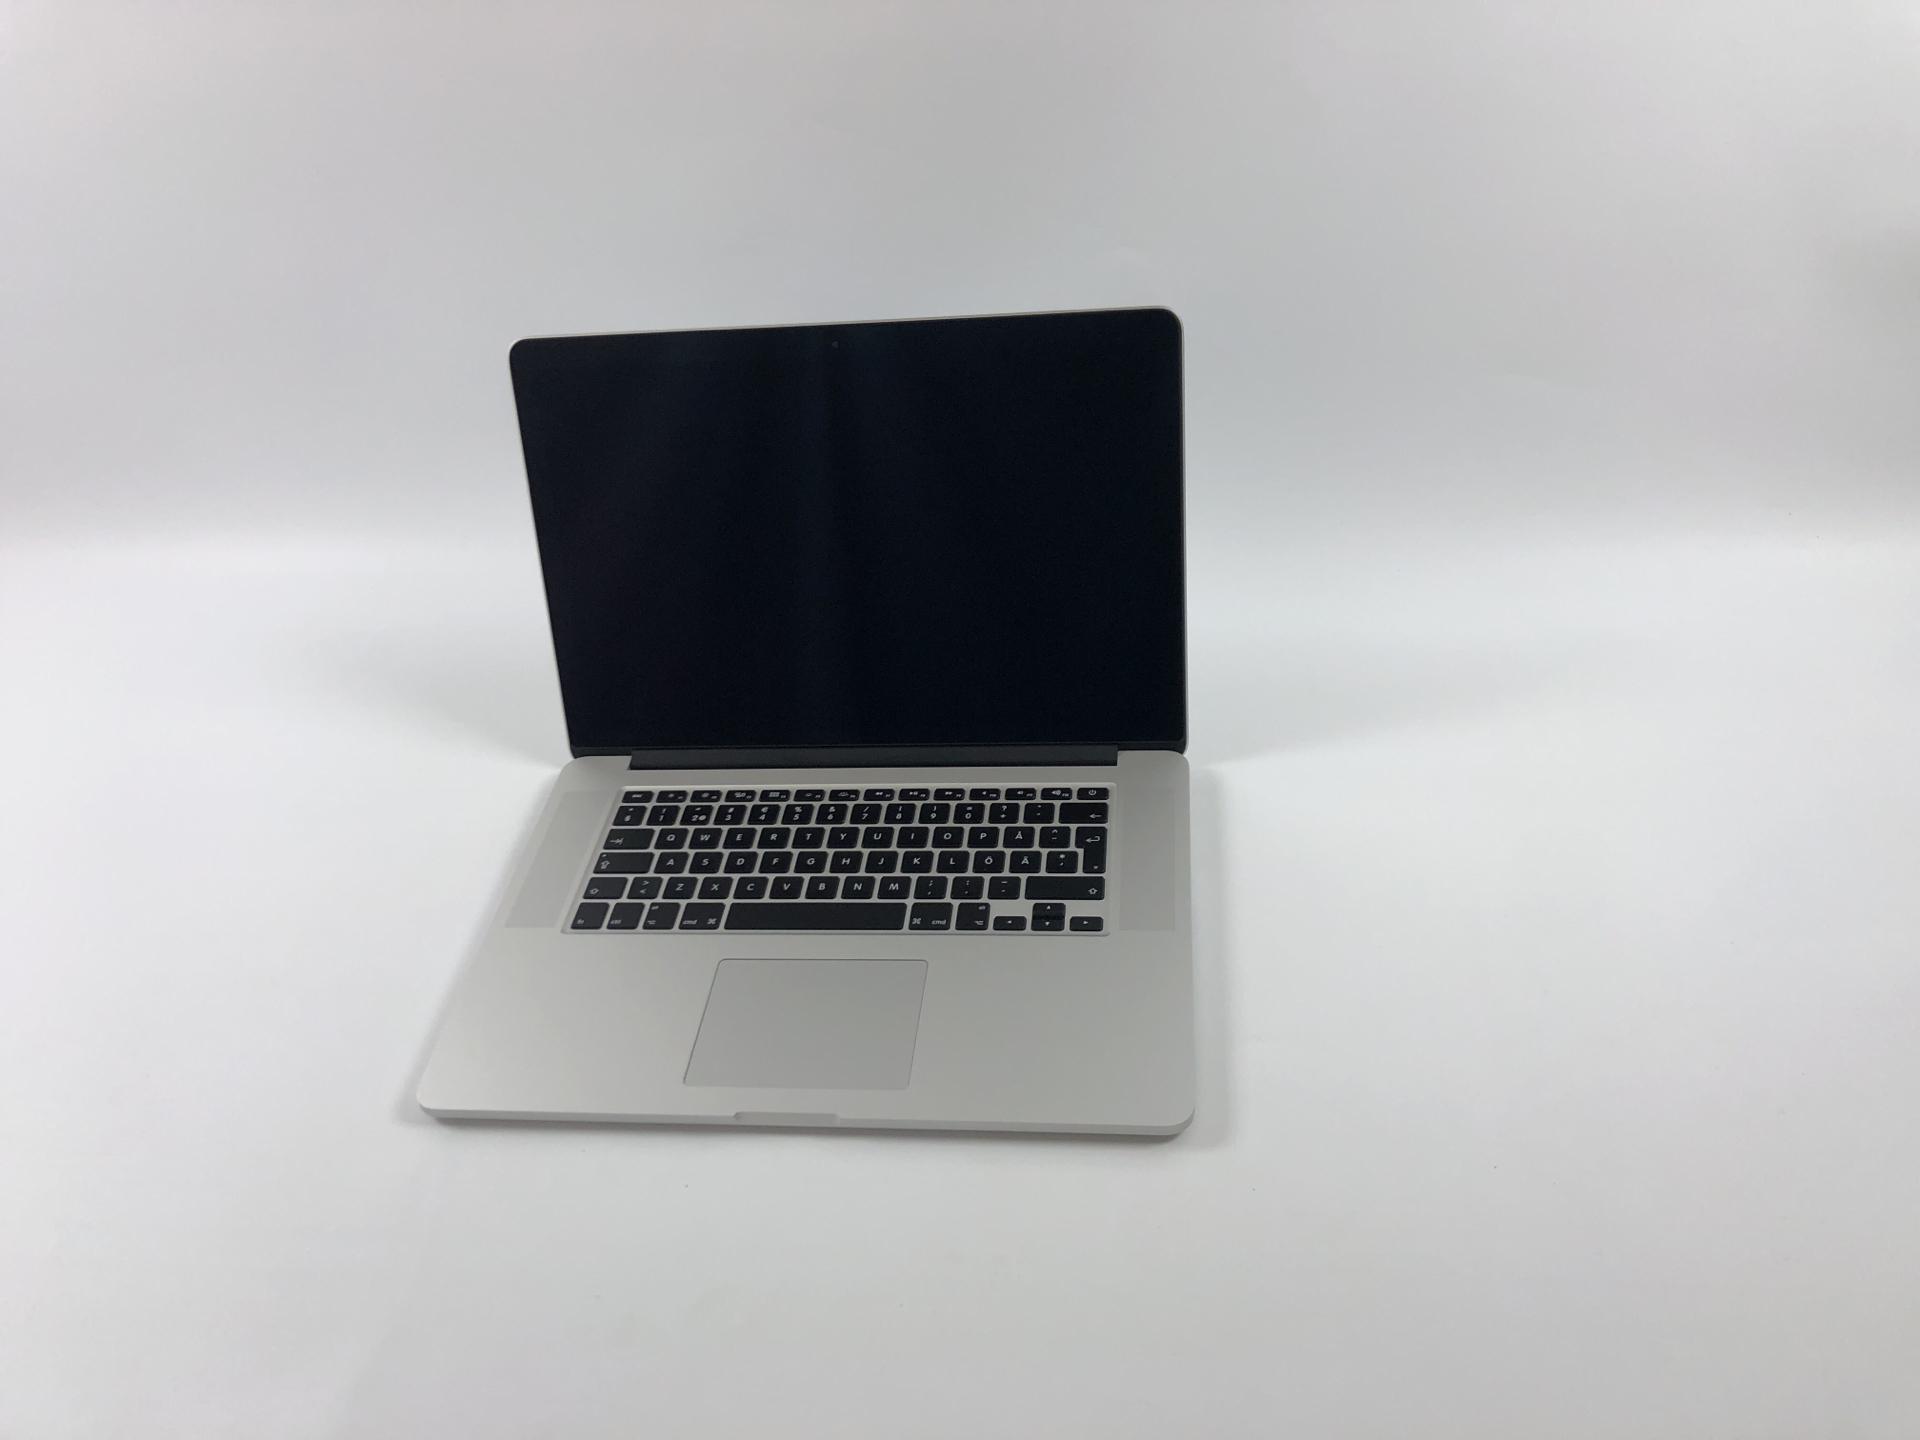 """MacBook Pro Retina 15"""" Mid 2014 (Intel Quad-Core i7 2.5 GHz 16 GB RAM 256 GB SSD), Intel Quad-Core i7 2.5 GHz, 16 GB RAM, 256 GB SSD, Kuva 1"""